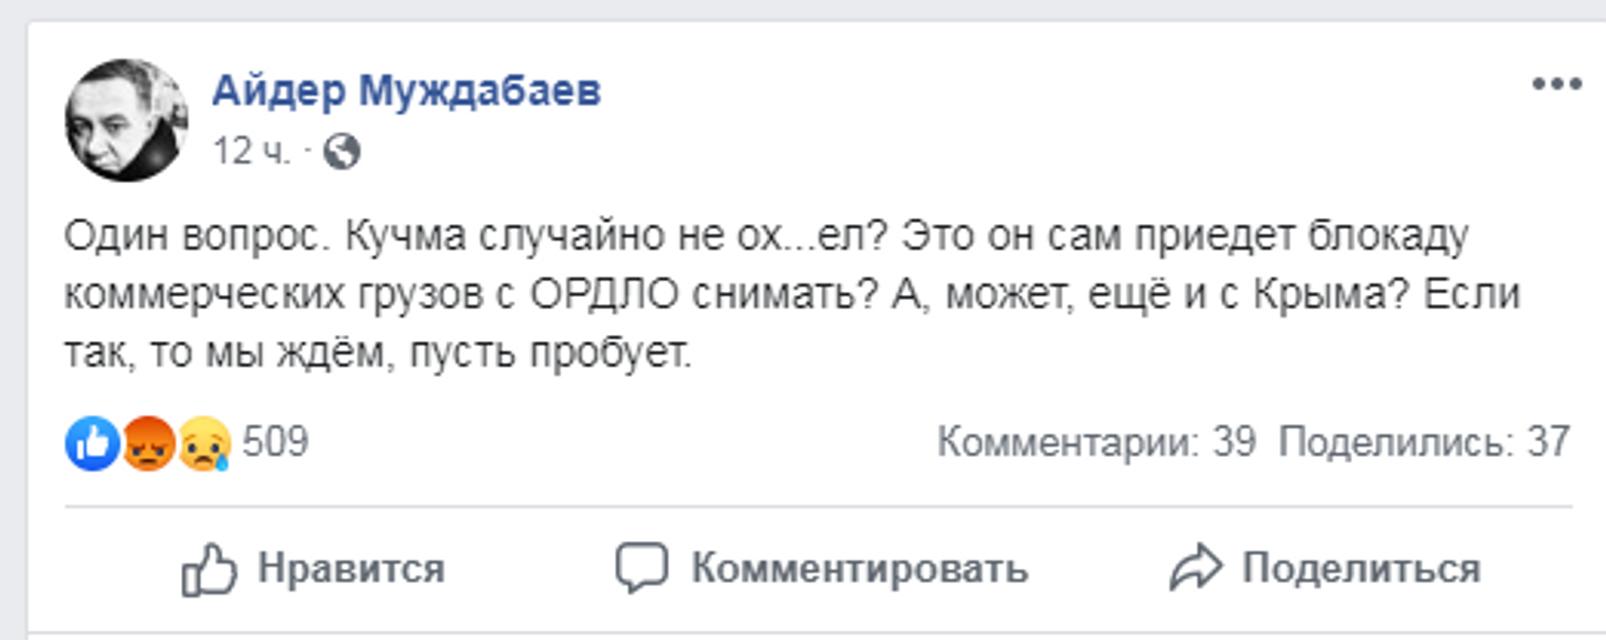 Кучма просит ВСУ не стрелять: сеть разорвало от гнева - фото 182276